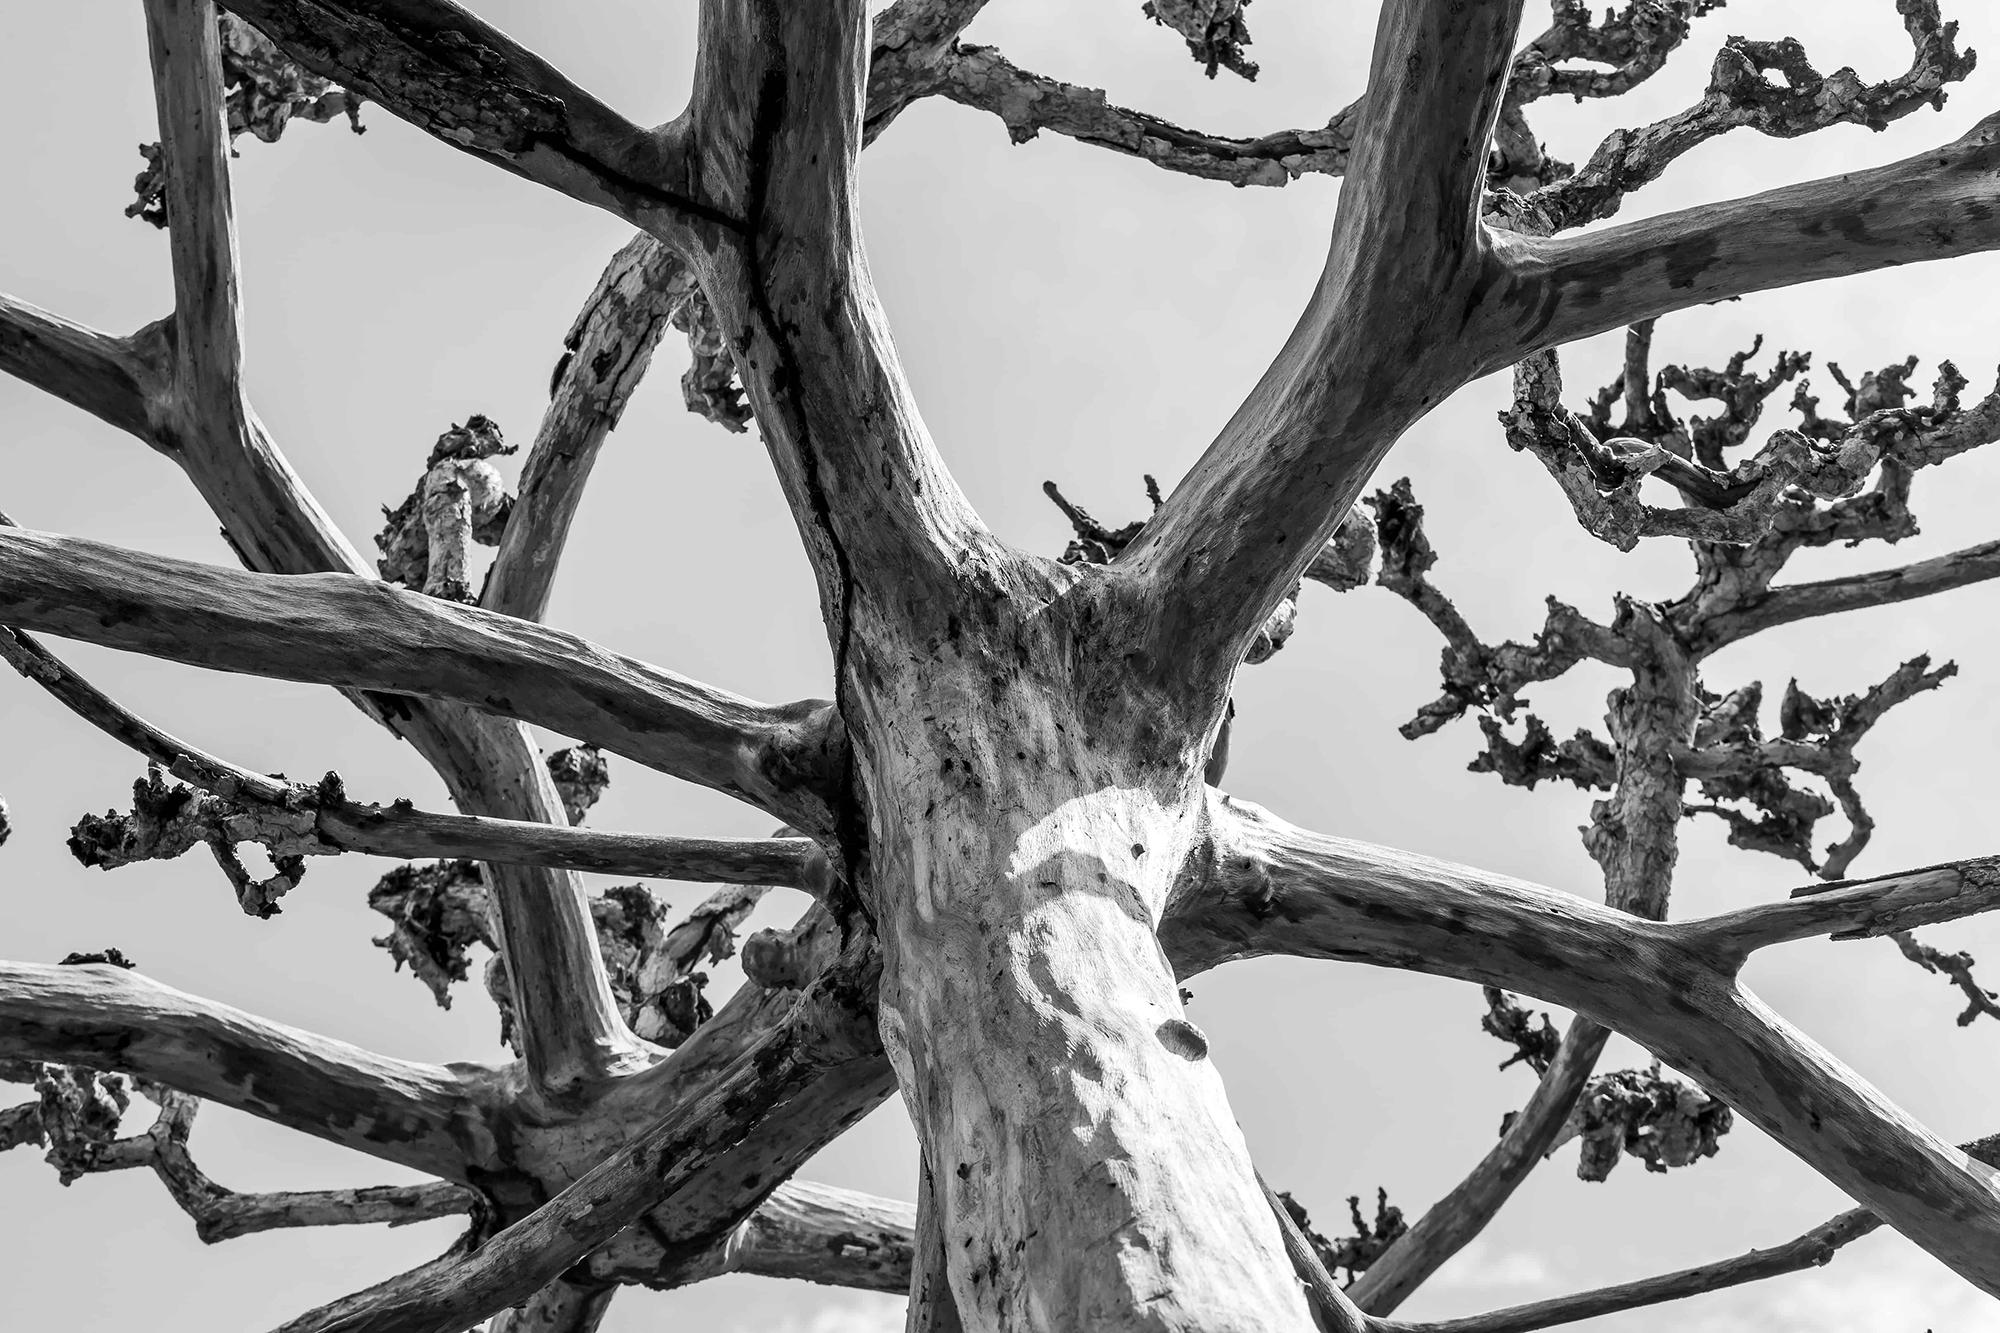 zanzibar arbre mort en noir et blanc photo professionelle